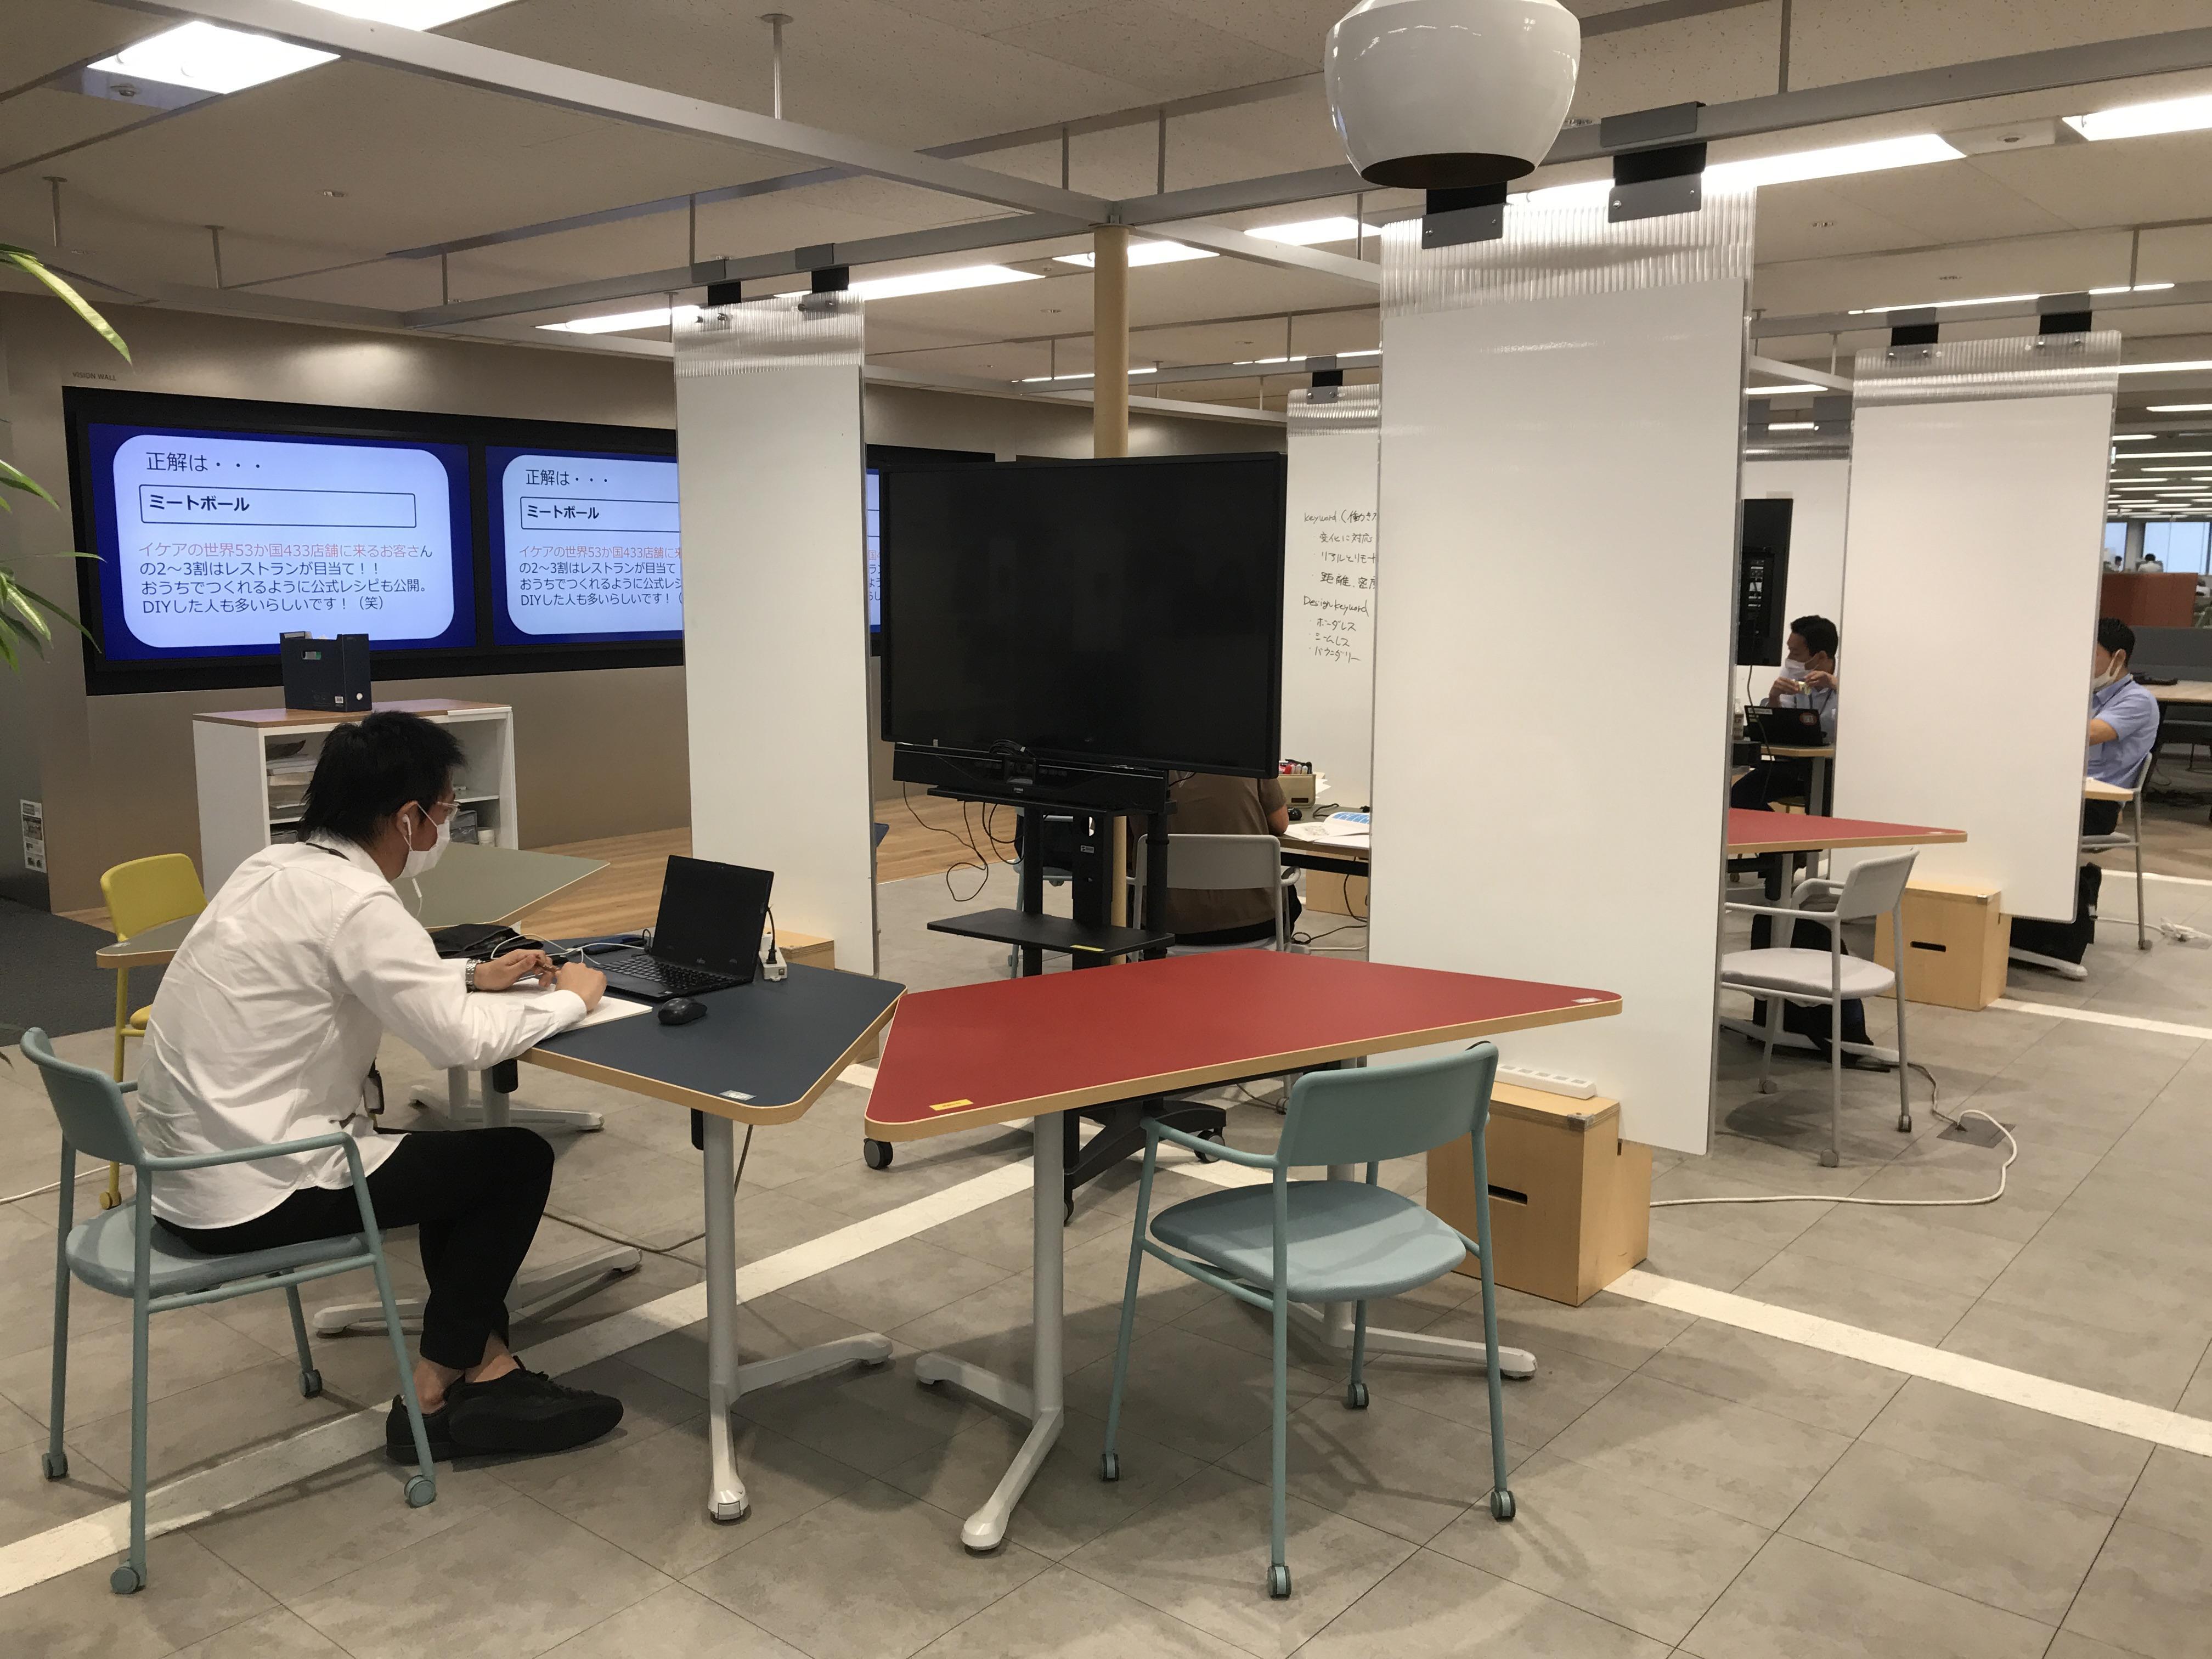 2_オープン空間のミーティングエリア.JPG